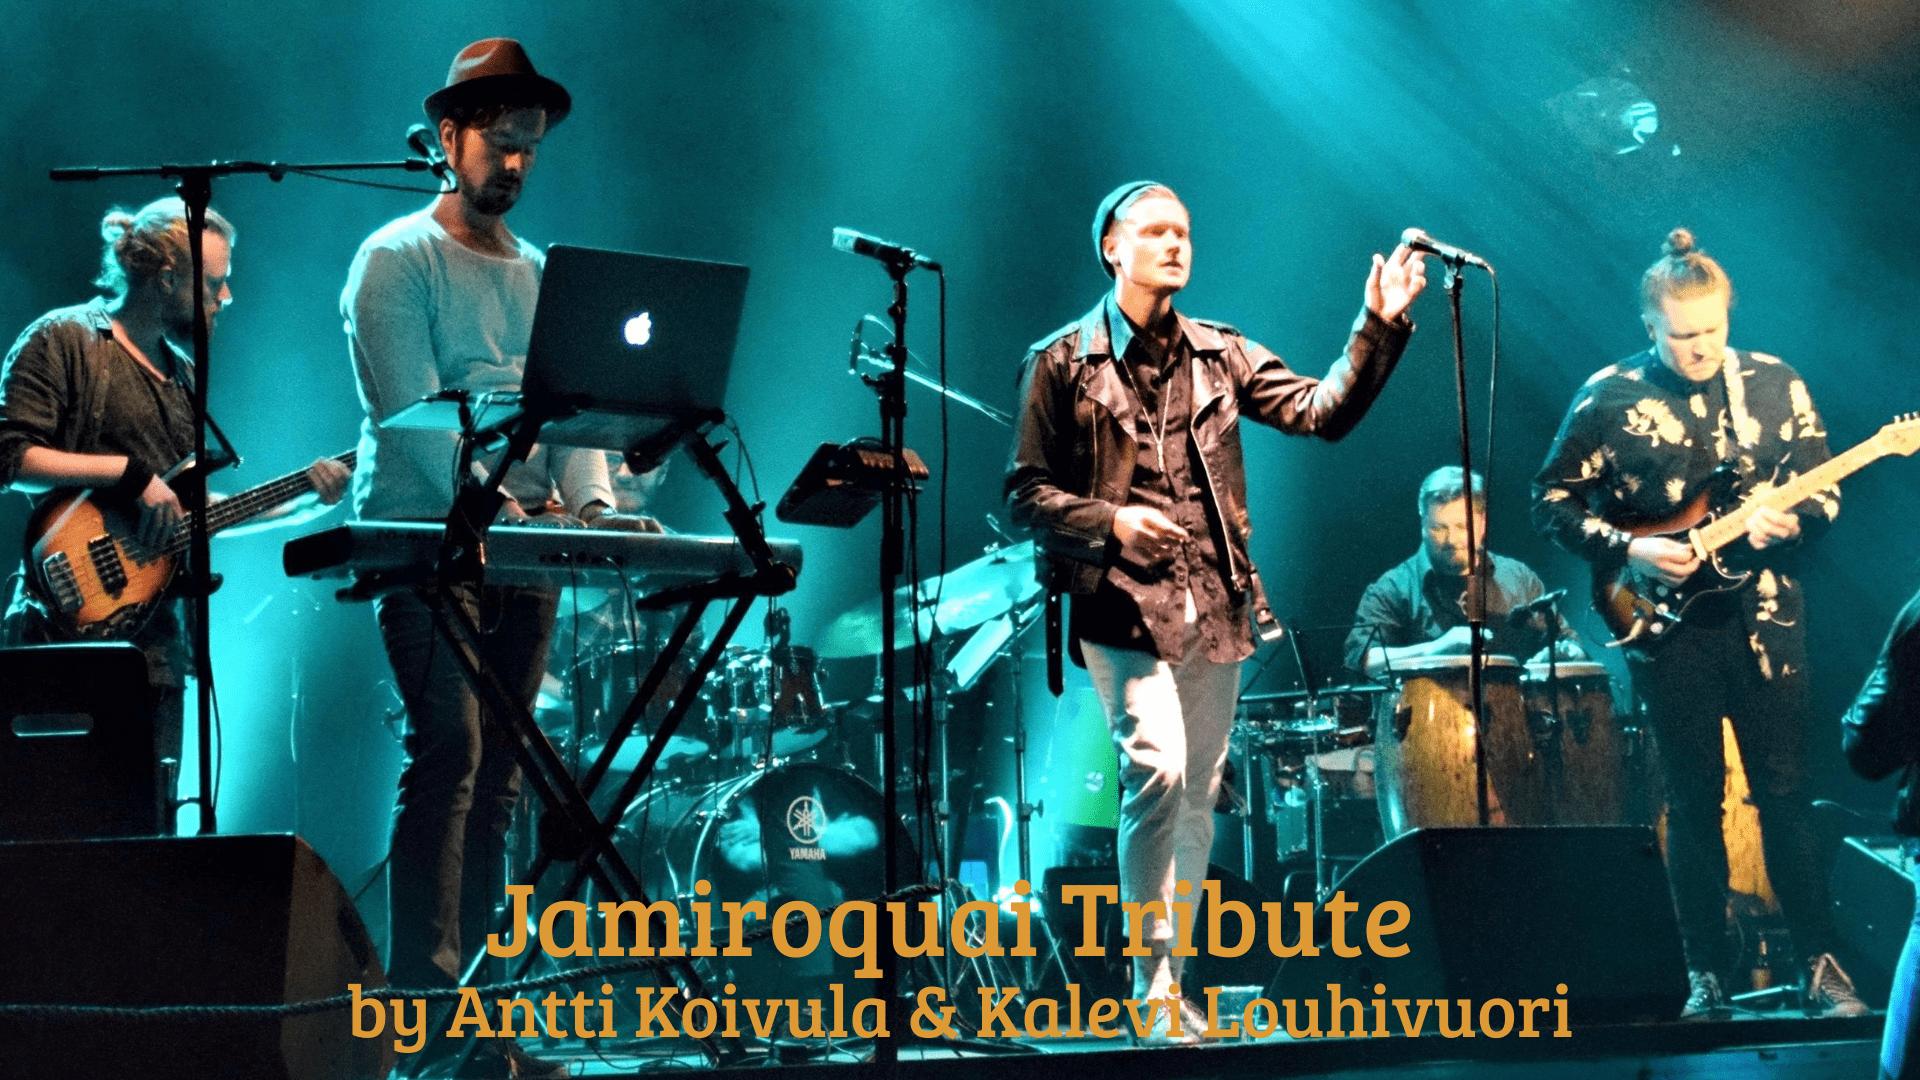 Jamiroquai Tribute by Antti Koivula & Kalevi Louhivuori